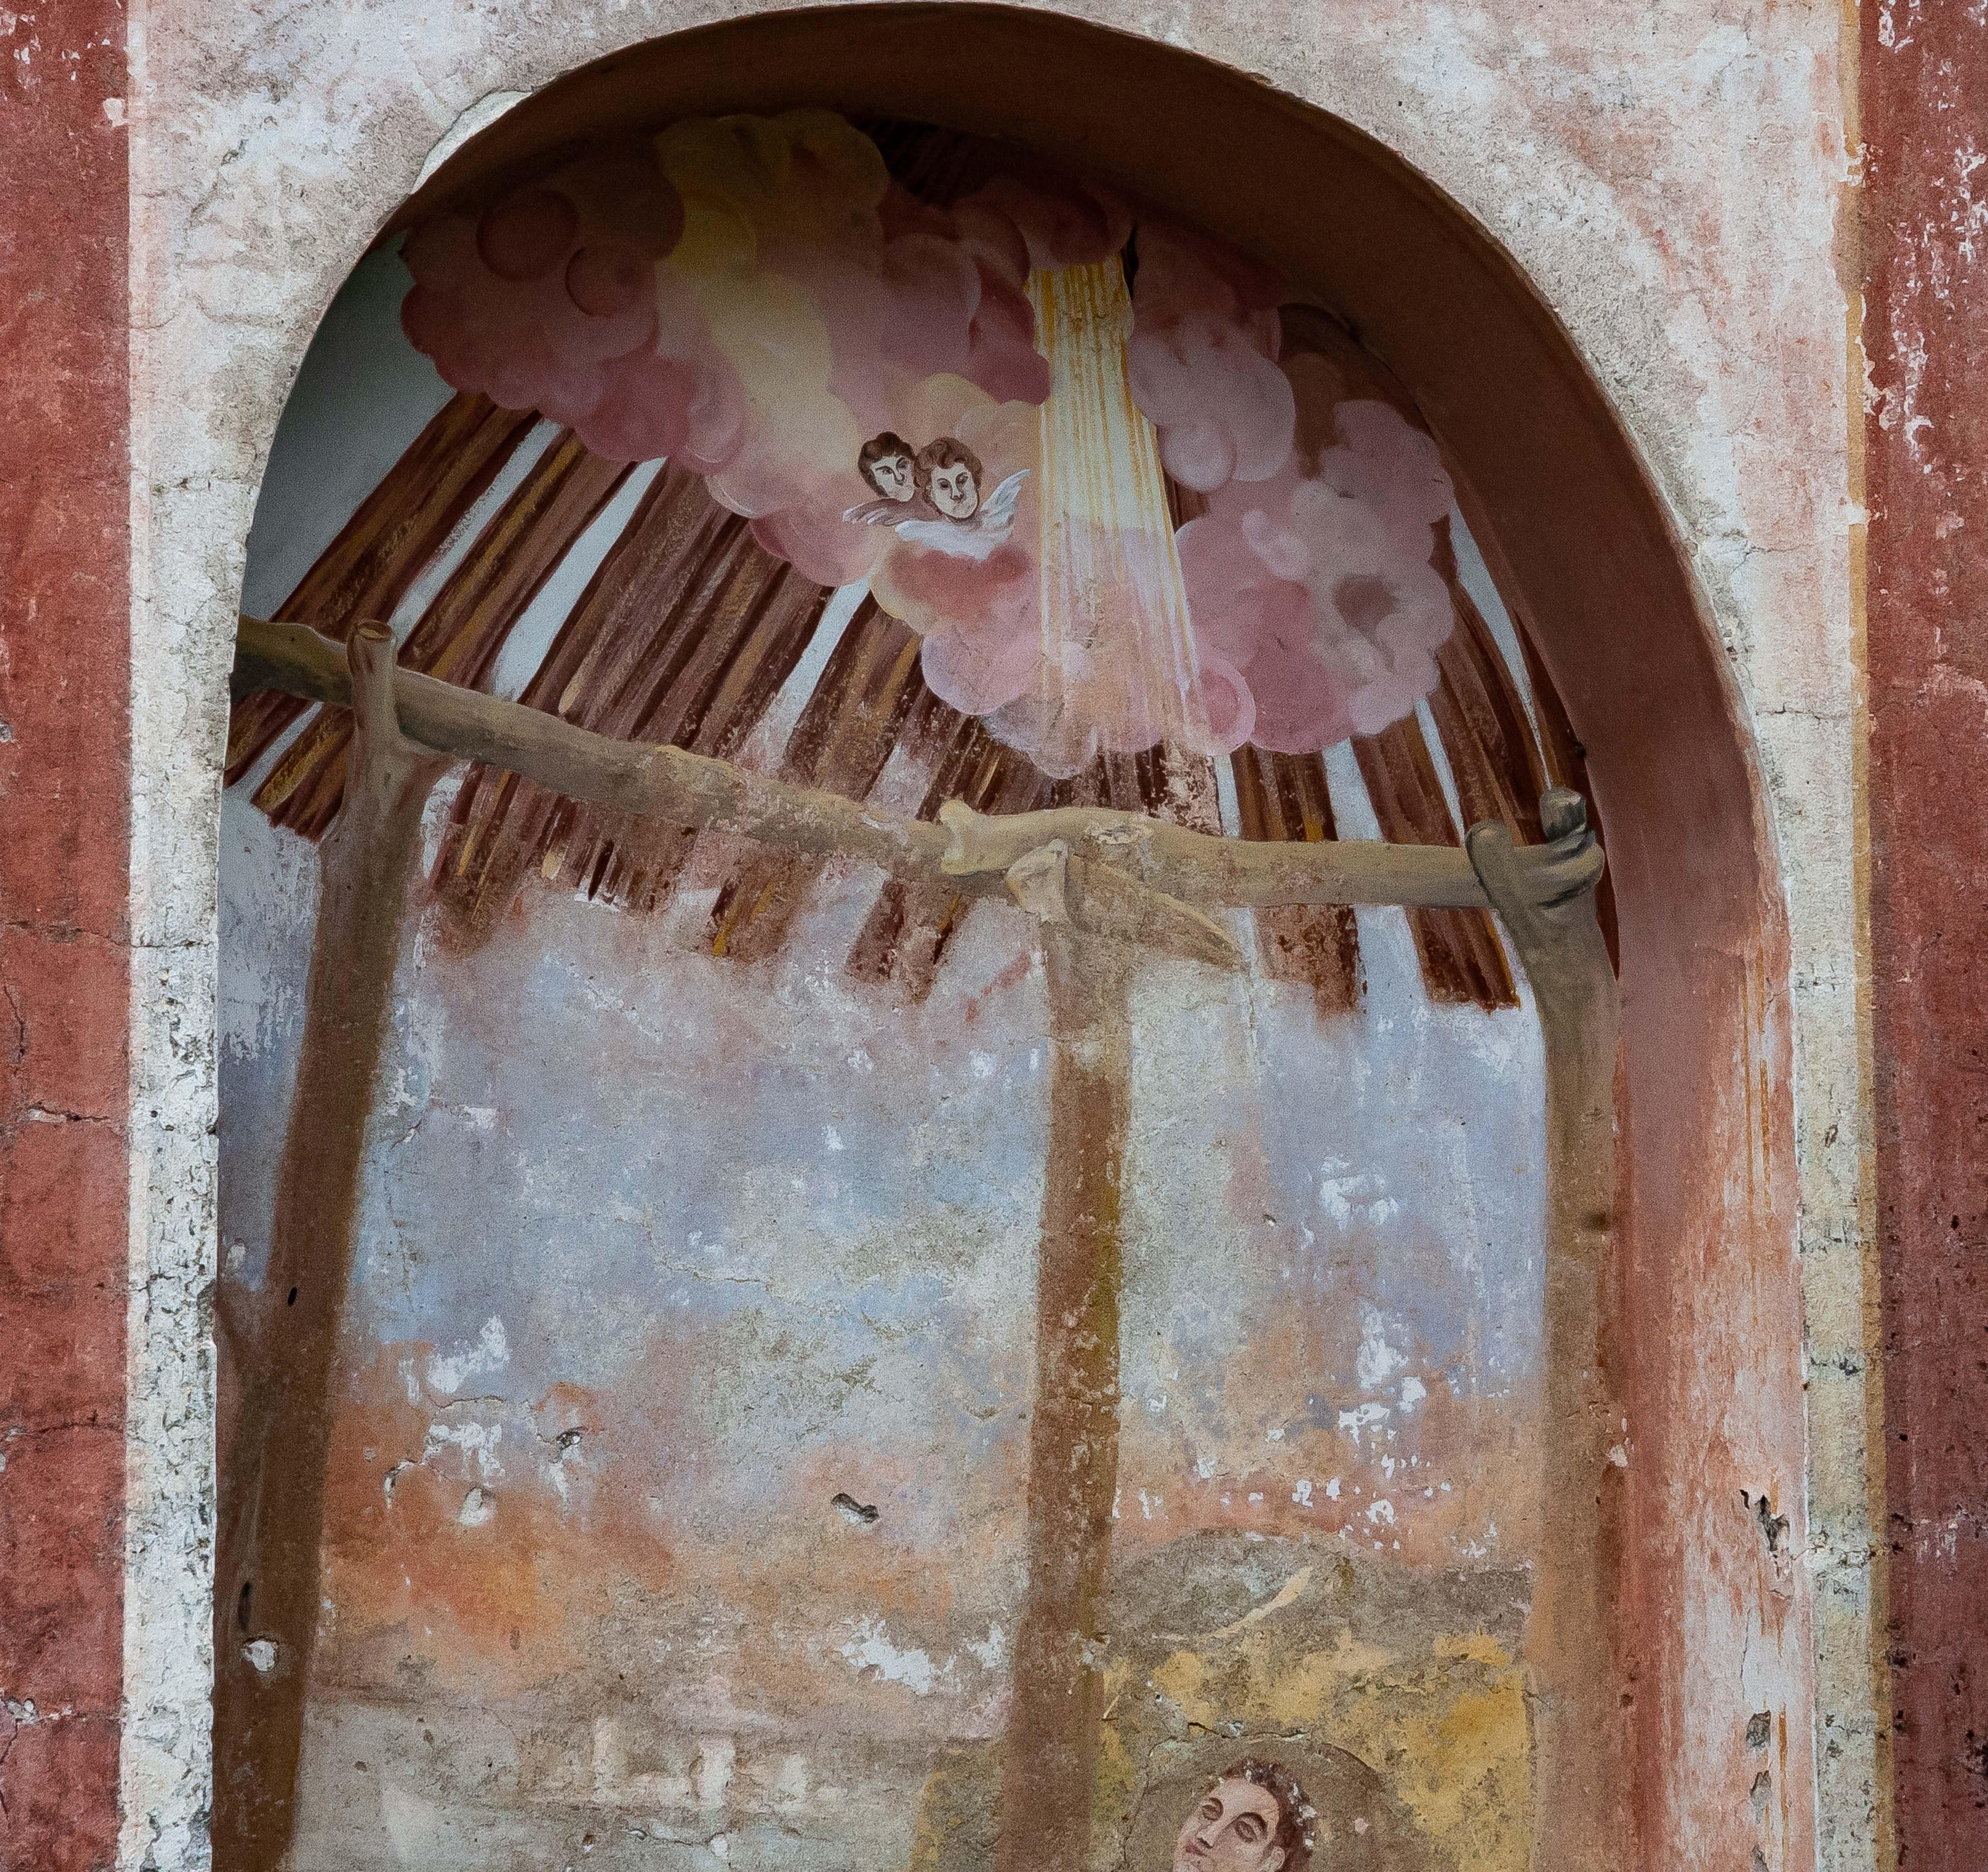 Slovenia, Ljubno Prov, Wall Painting, 2006, IMG 8322